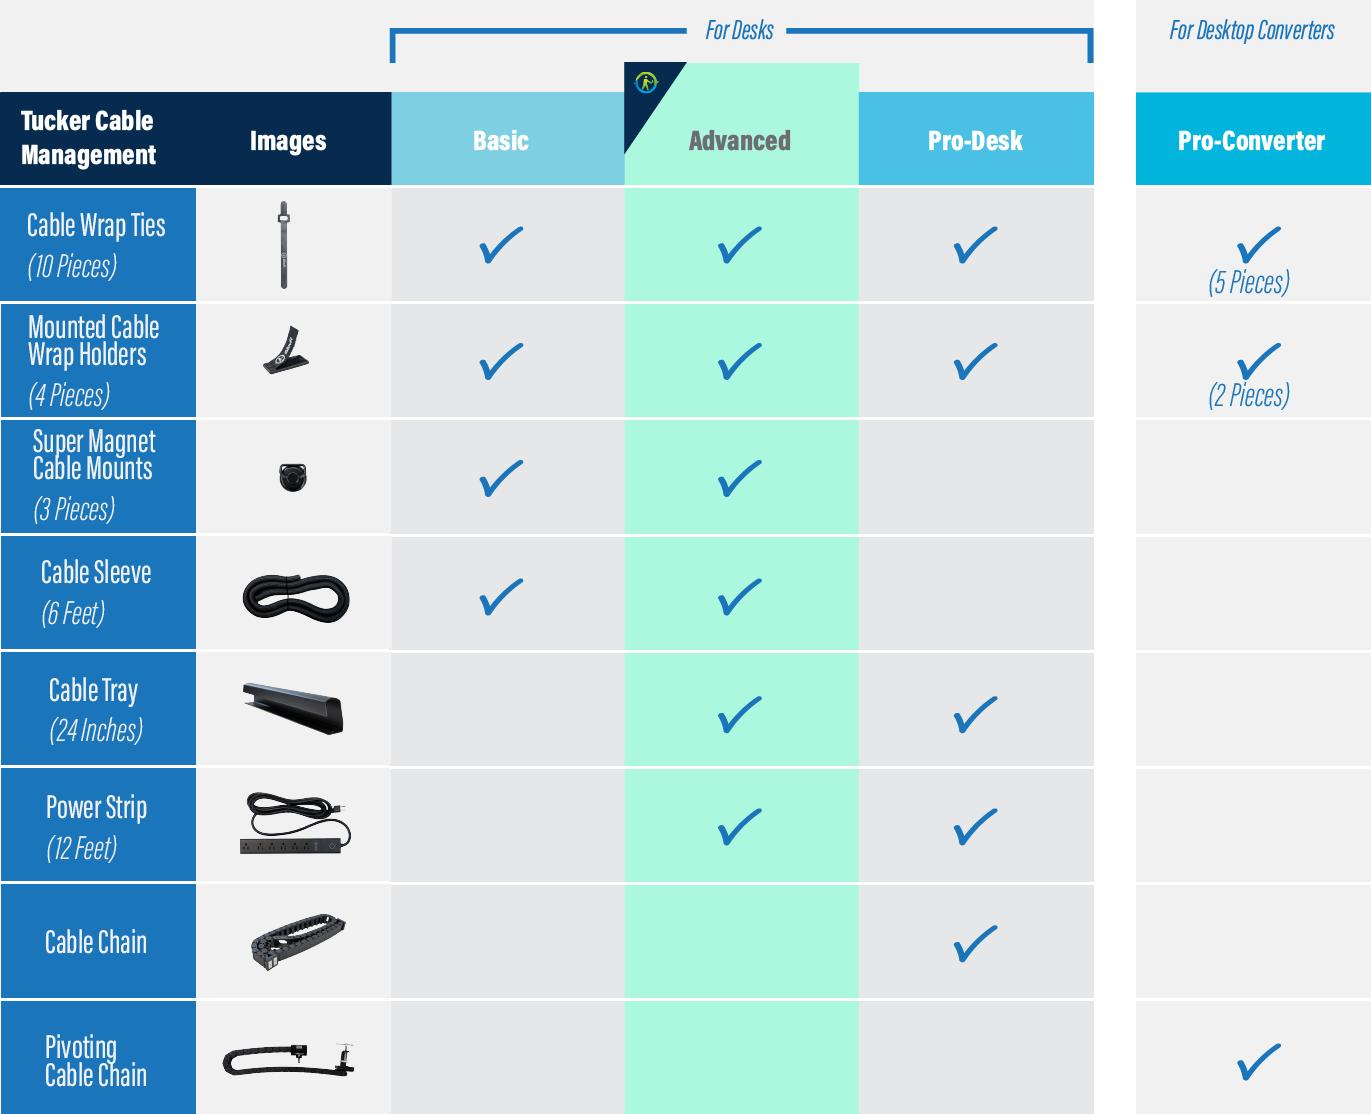 Tucker_Cable_Management_Kit_Comparison_Chart__Advanced_